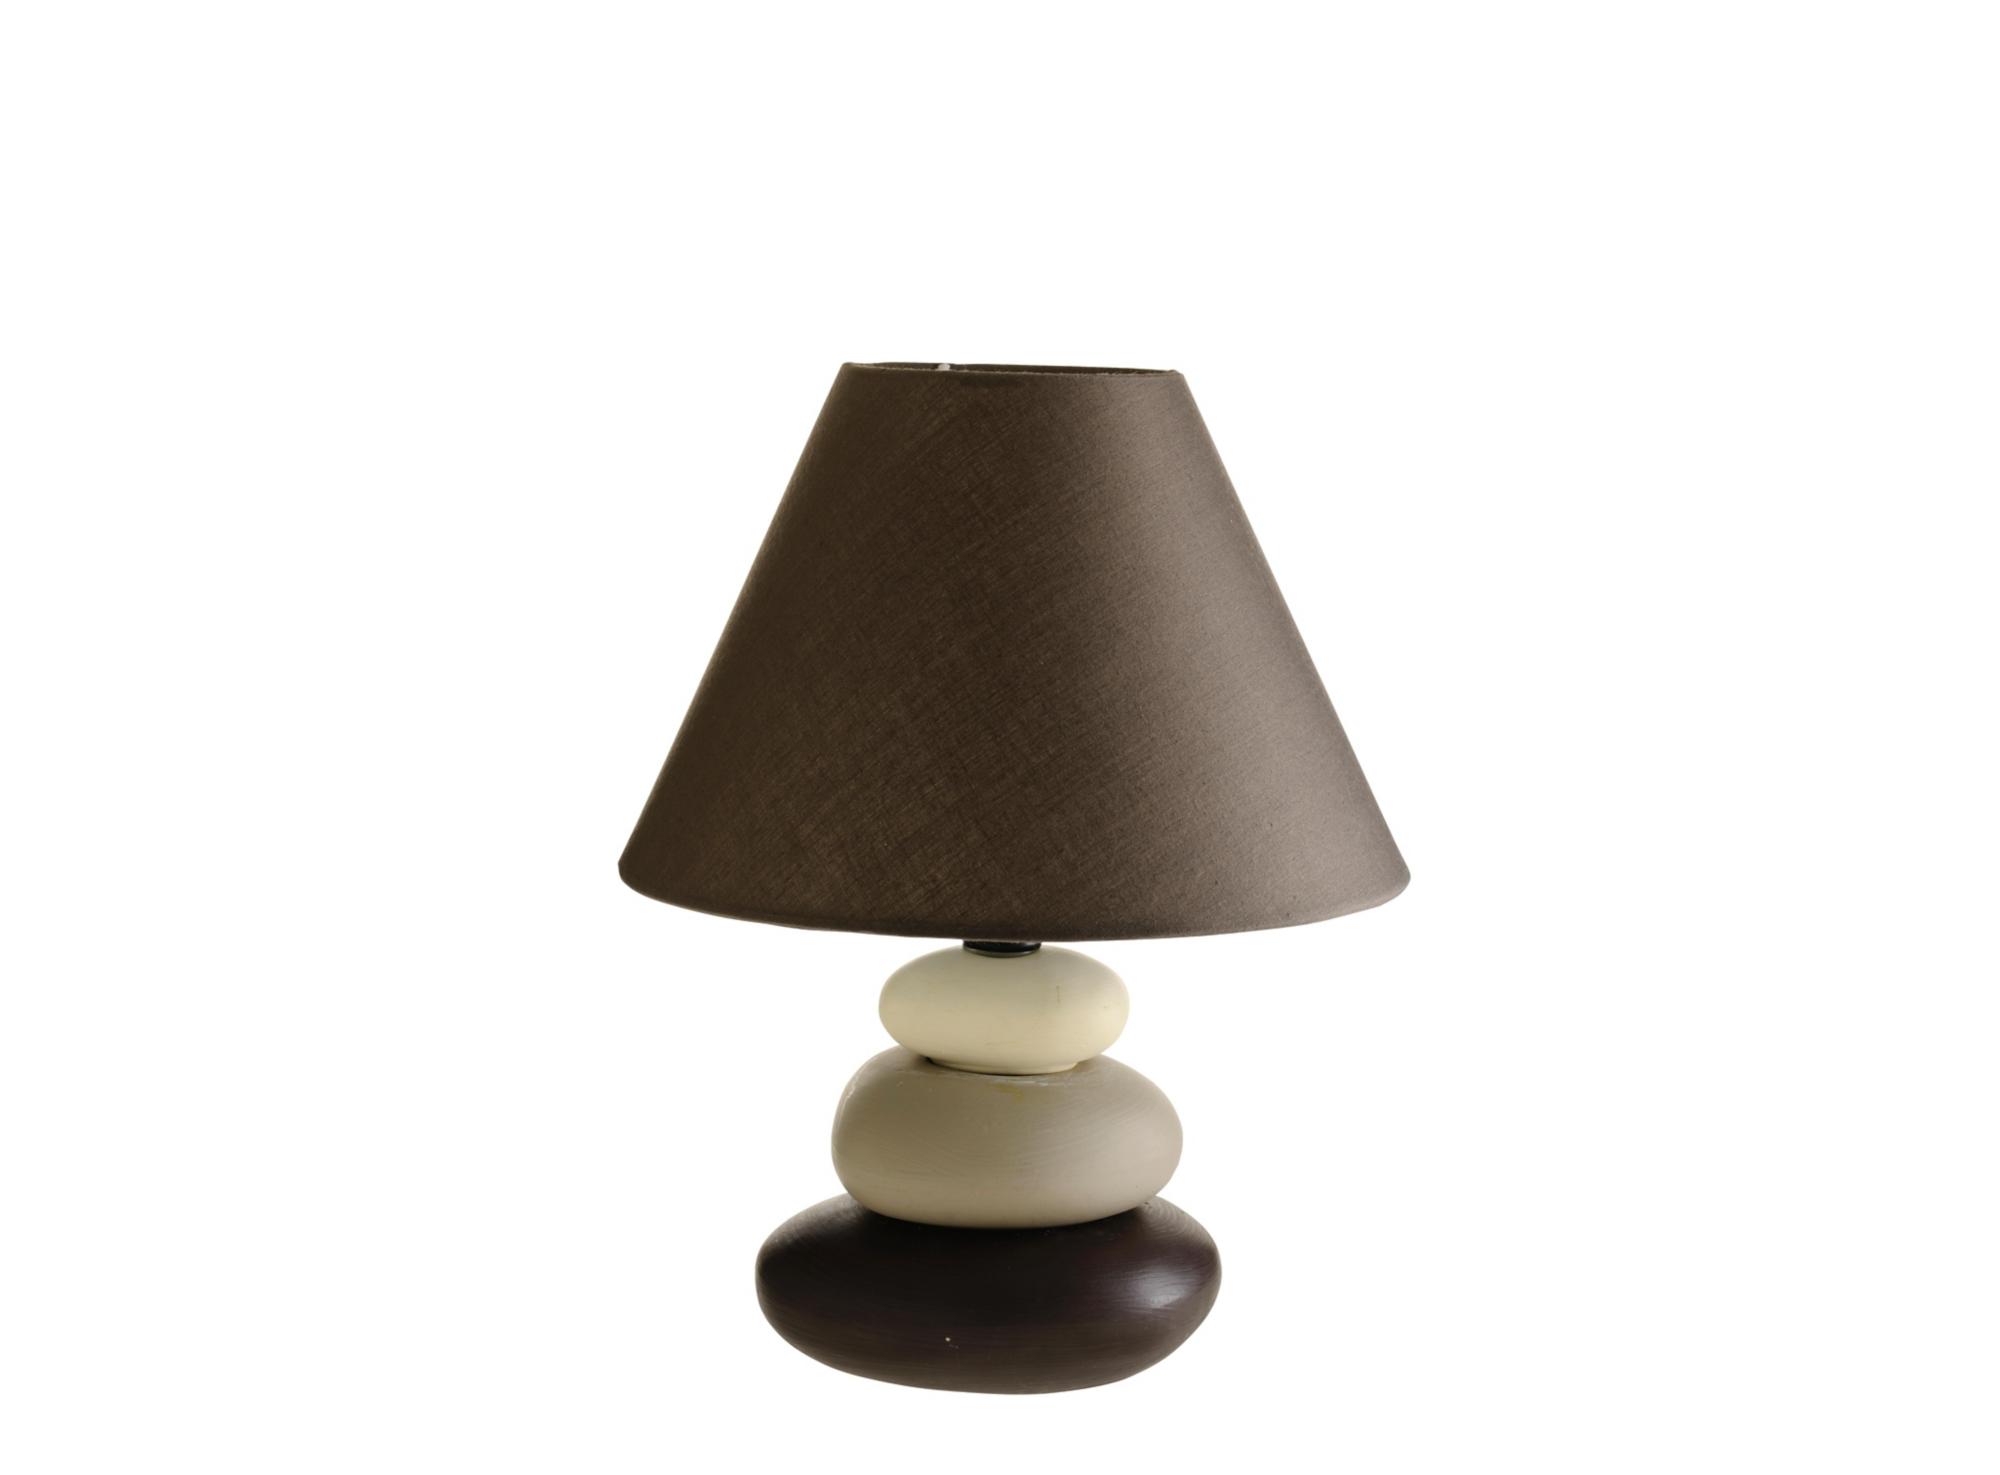 Lampe a poser h26cm - abat jour en coton, coloris chocolat pied en ce ...